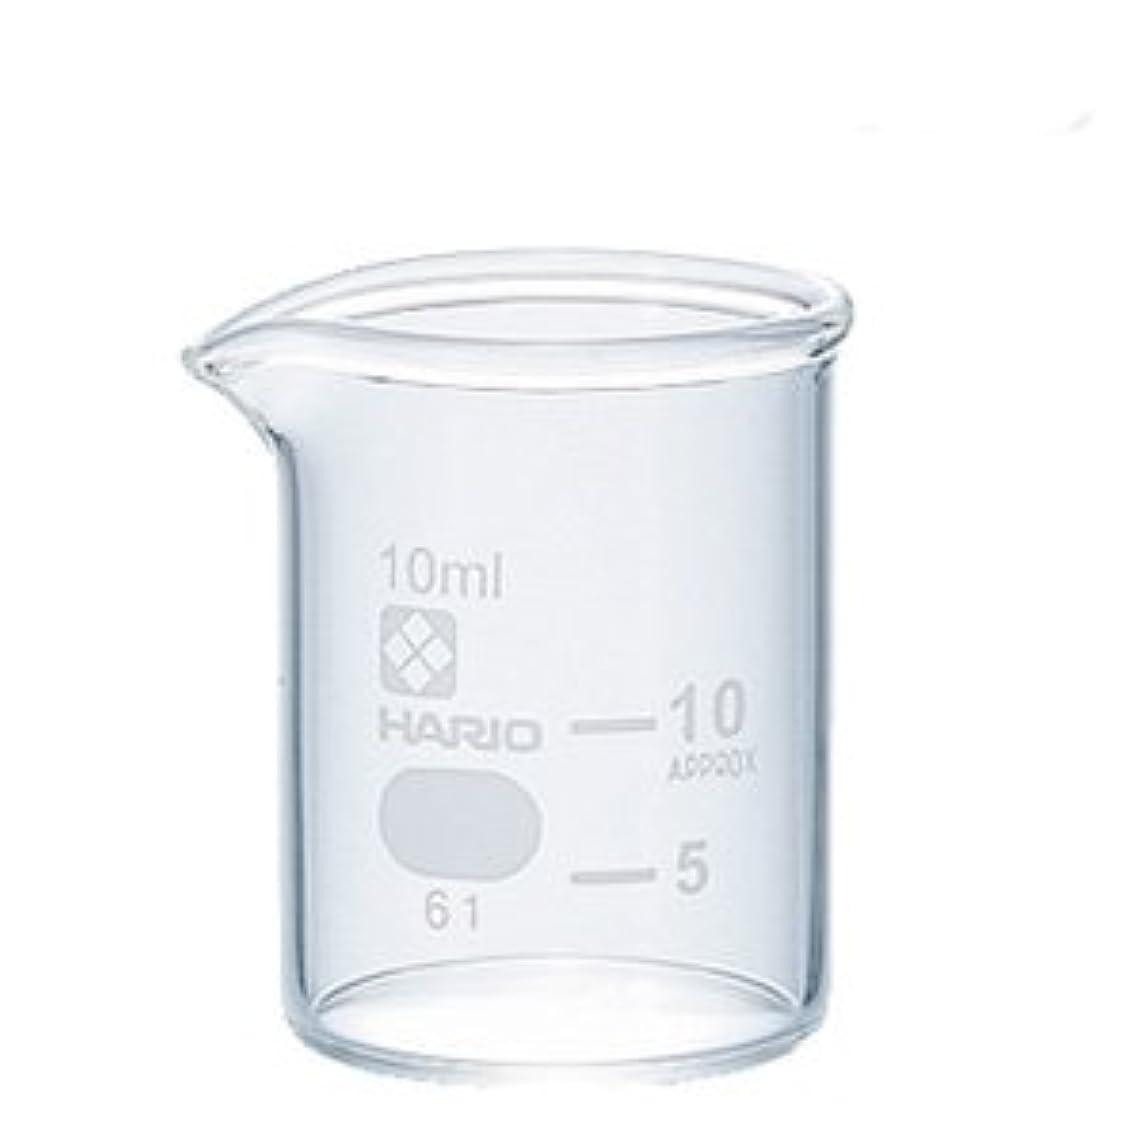 抵抗力がある撤回する神経ガラスビーカー 10ml 【手作り石鹸/手作りコスメ/手作り化粧品】